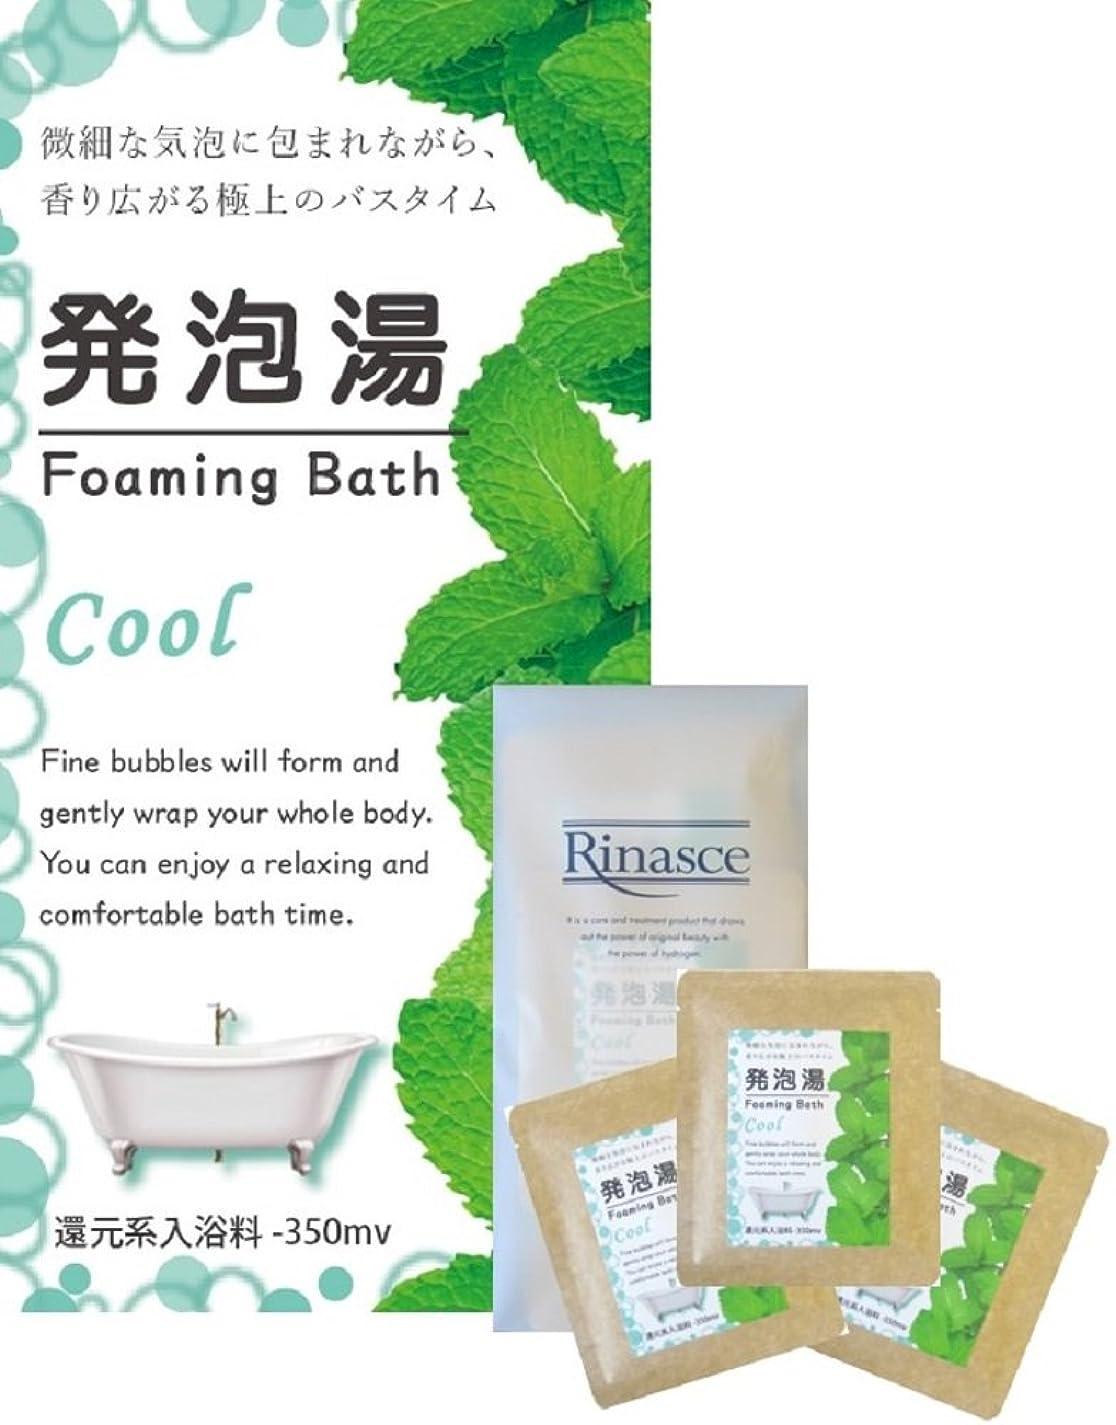 分注する利益西【ゆうメール対象】発泡湯(はっぽうとう) Foaming Bath Cool クール 40g 3包セット/微細な気泡に包まれながら香り広がる極上のバスタイム